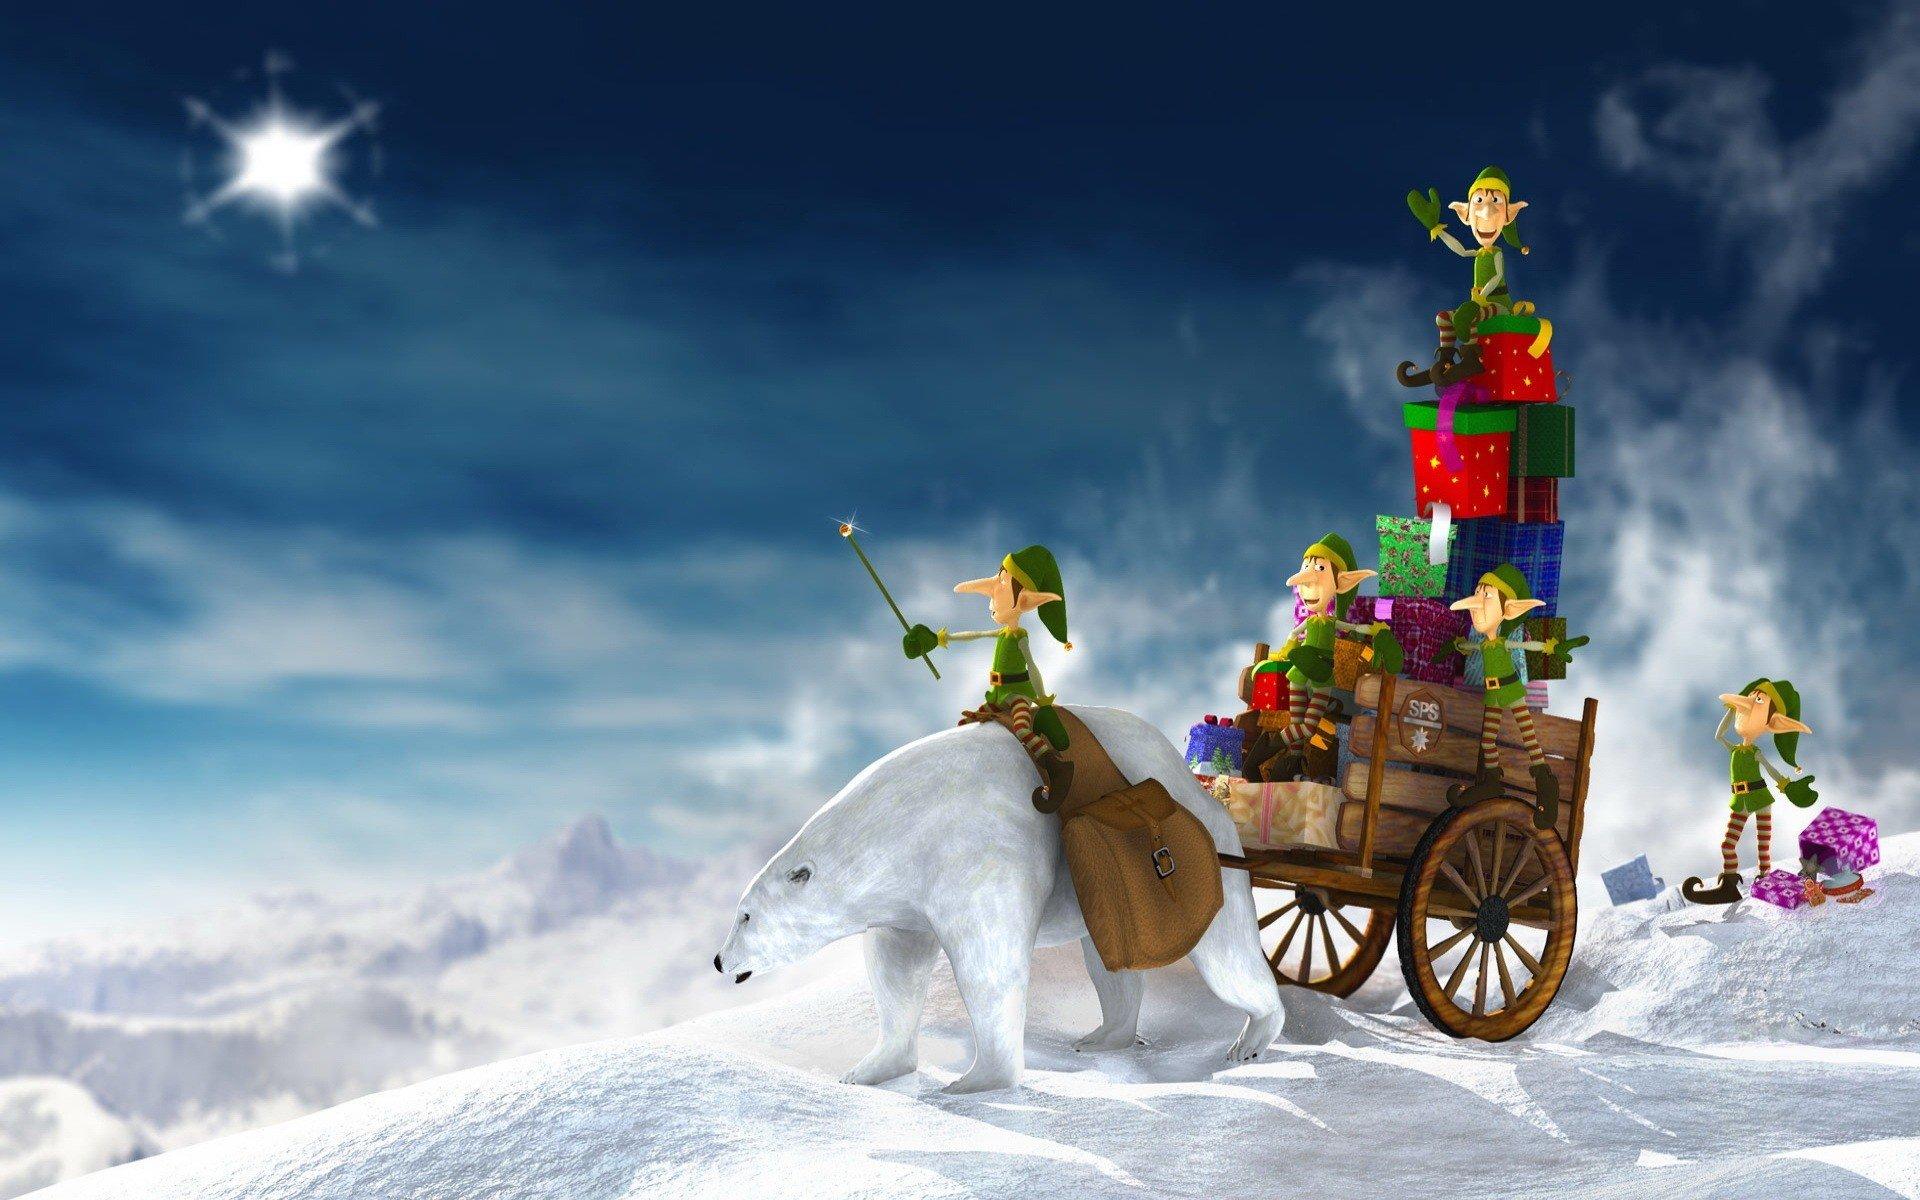 Fondo de pantalla de Duendes entregando regalos de Navidad Imágenes